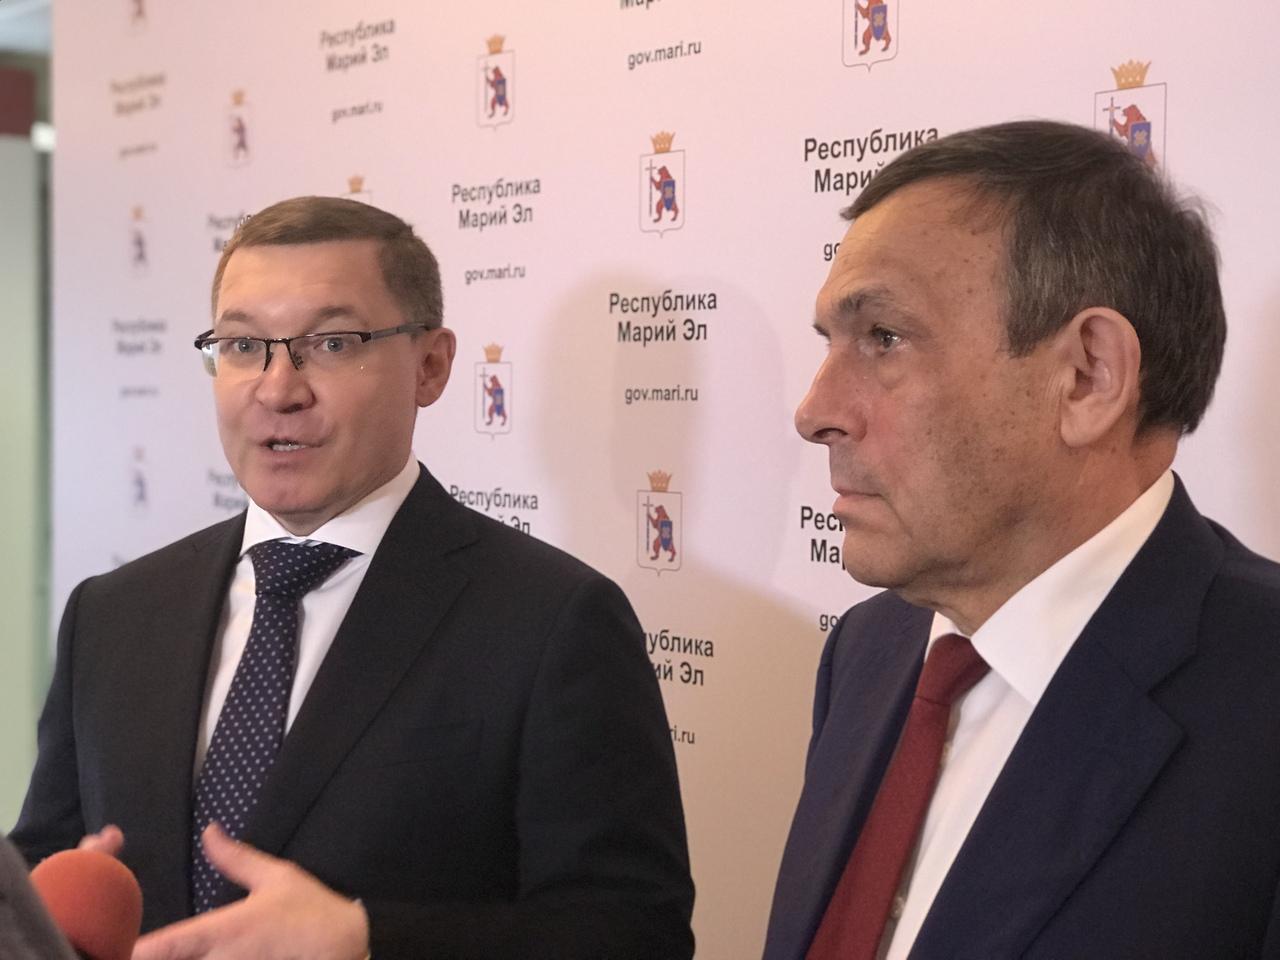 Глава Минстроя РФ обозначил приоритеты в работе пленарного заседания в Йошкар-Оле